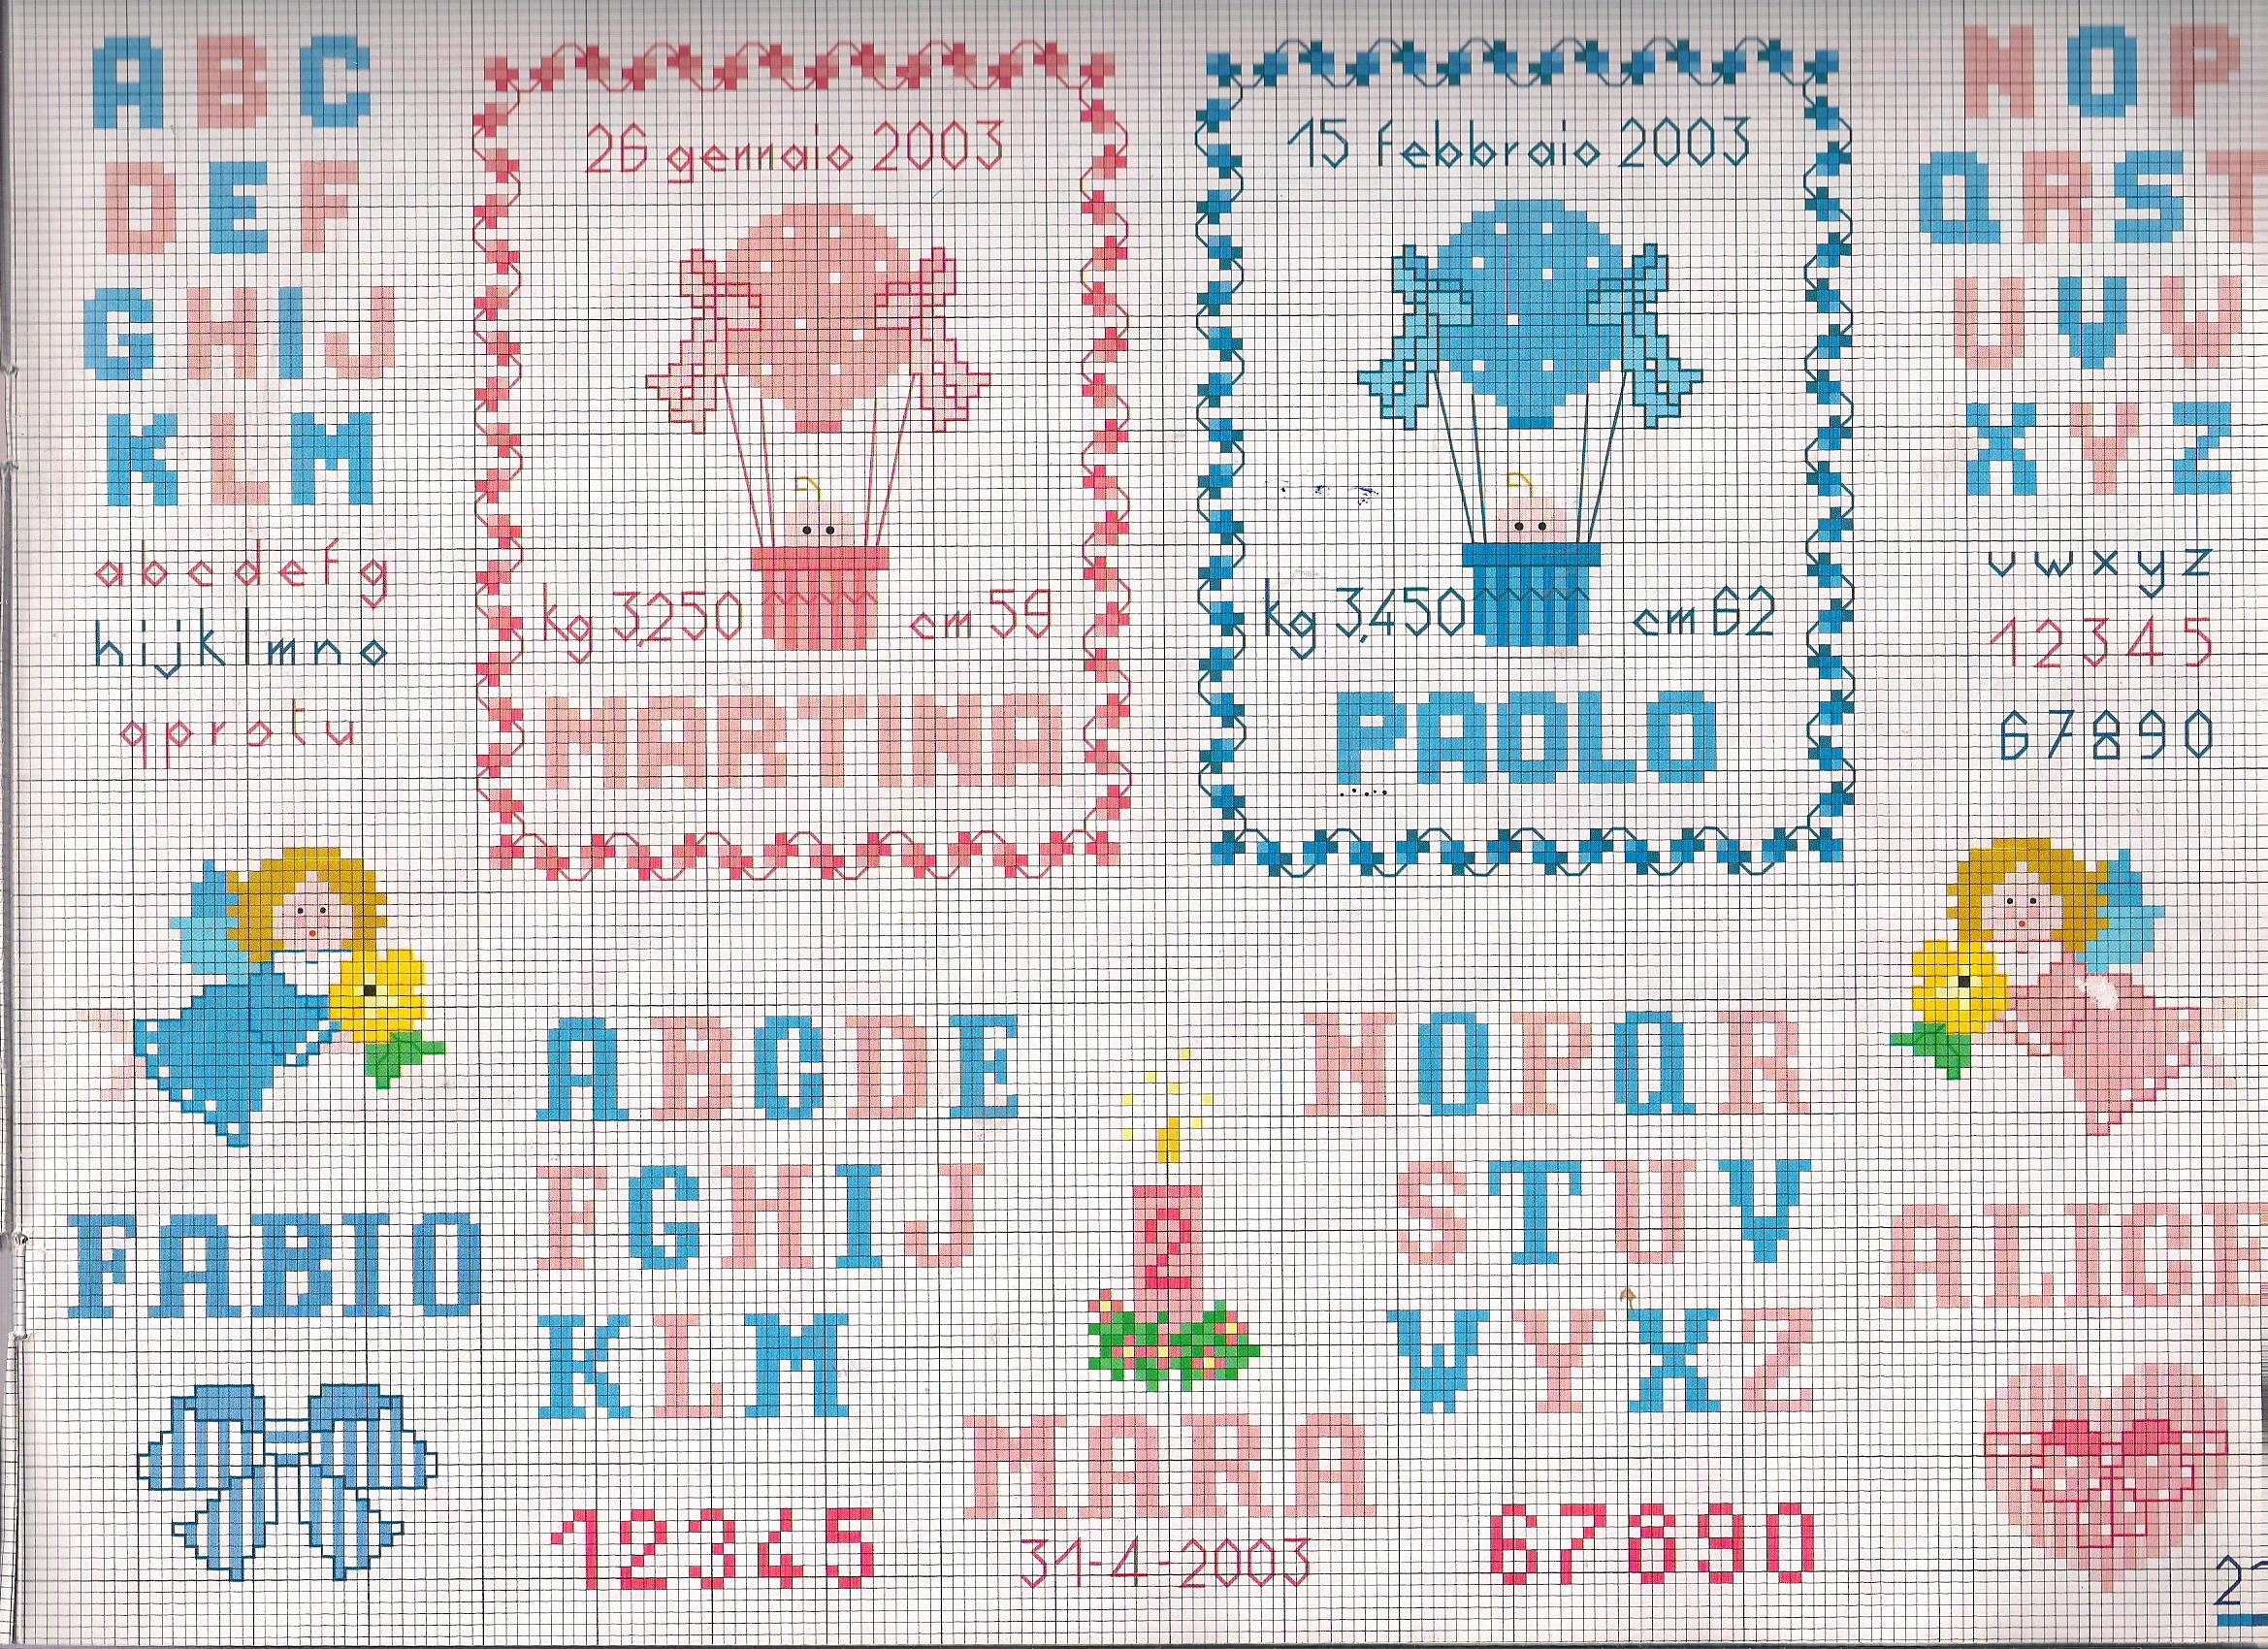 Schemi punto croce alfabeto bambini zf11 pineglen for Schemi punto croce bambini gratis